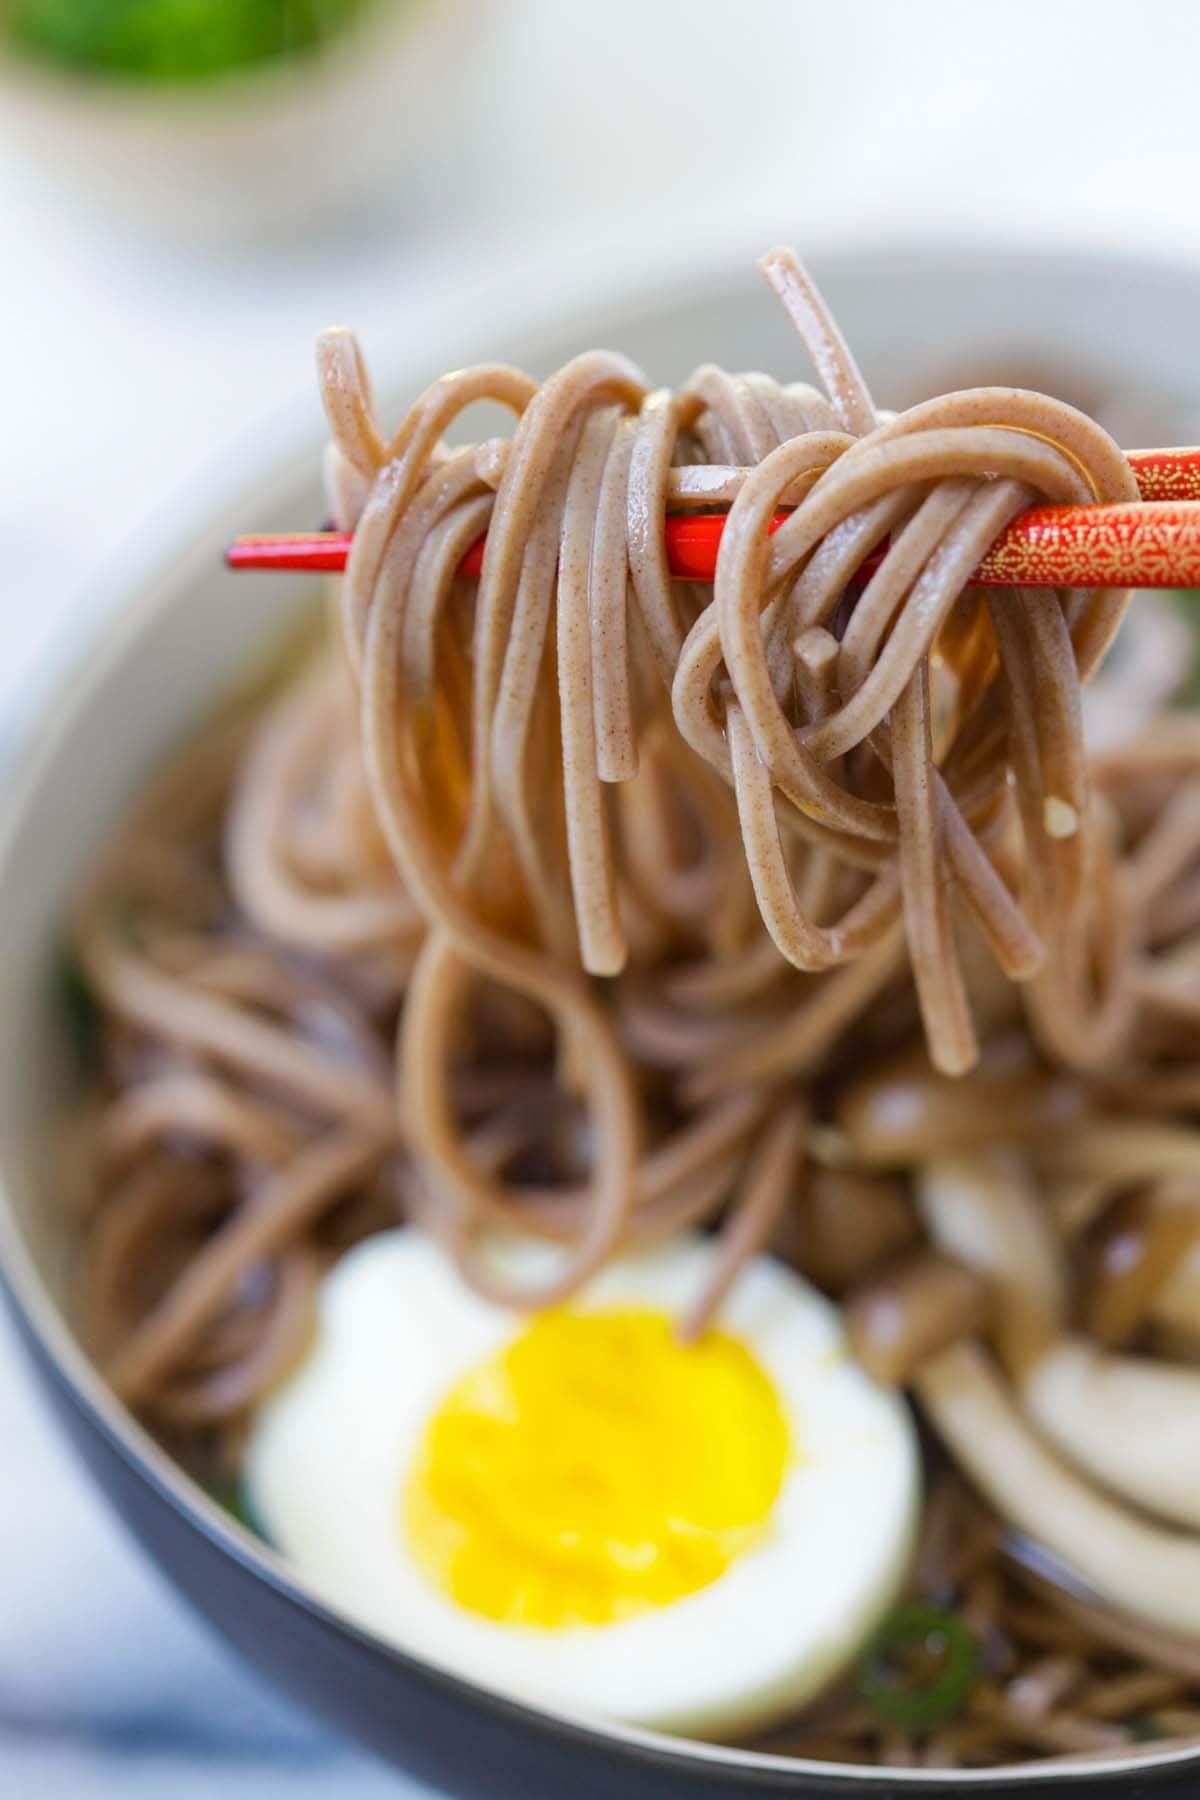 Japanese soba noodle soup ready to serve.